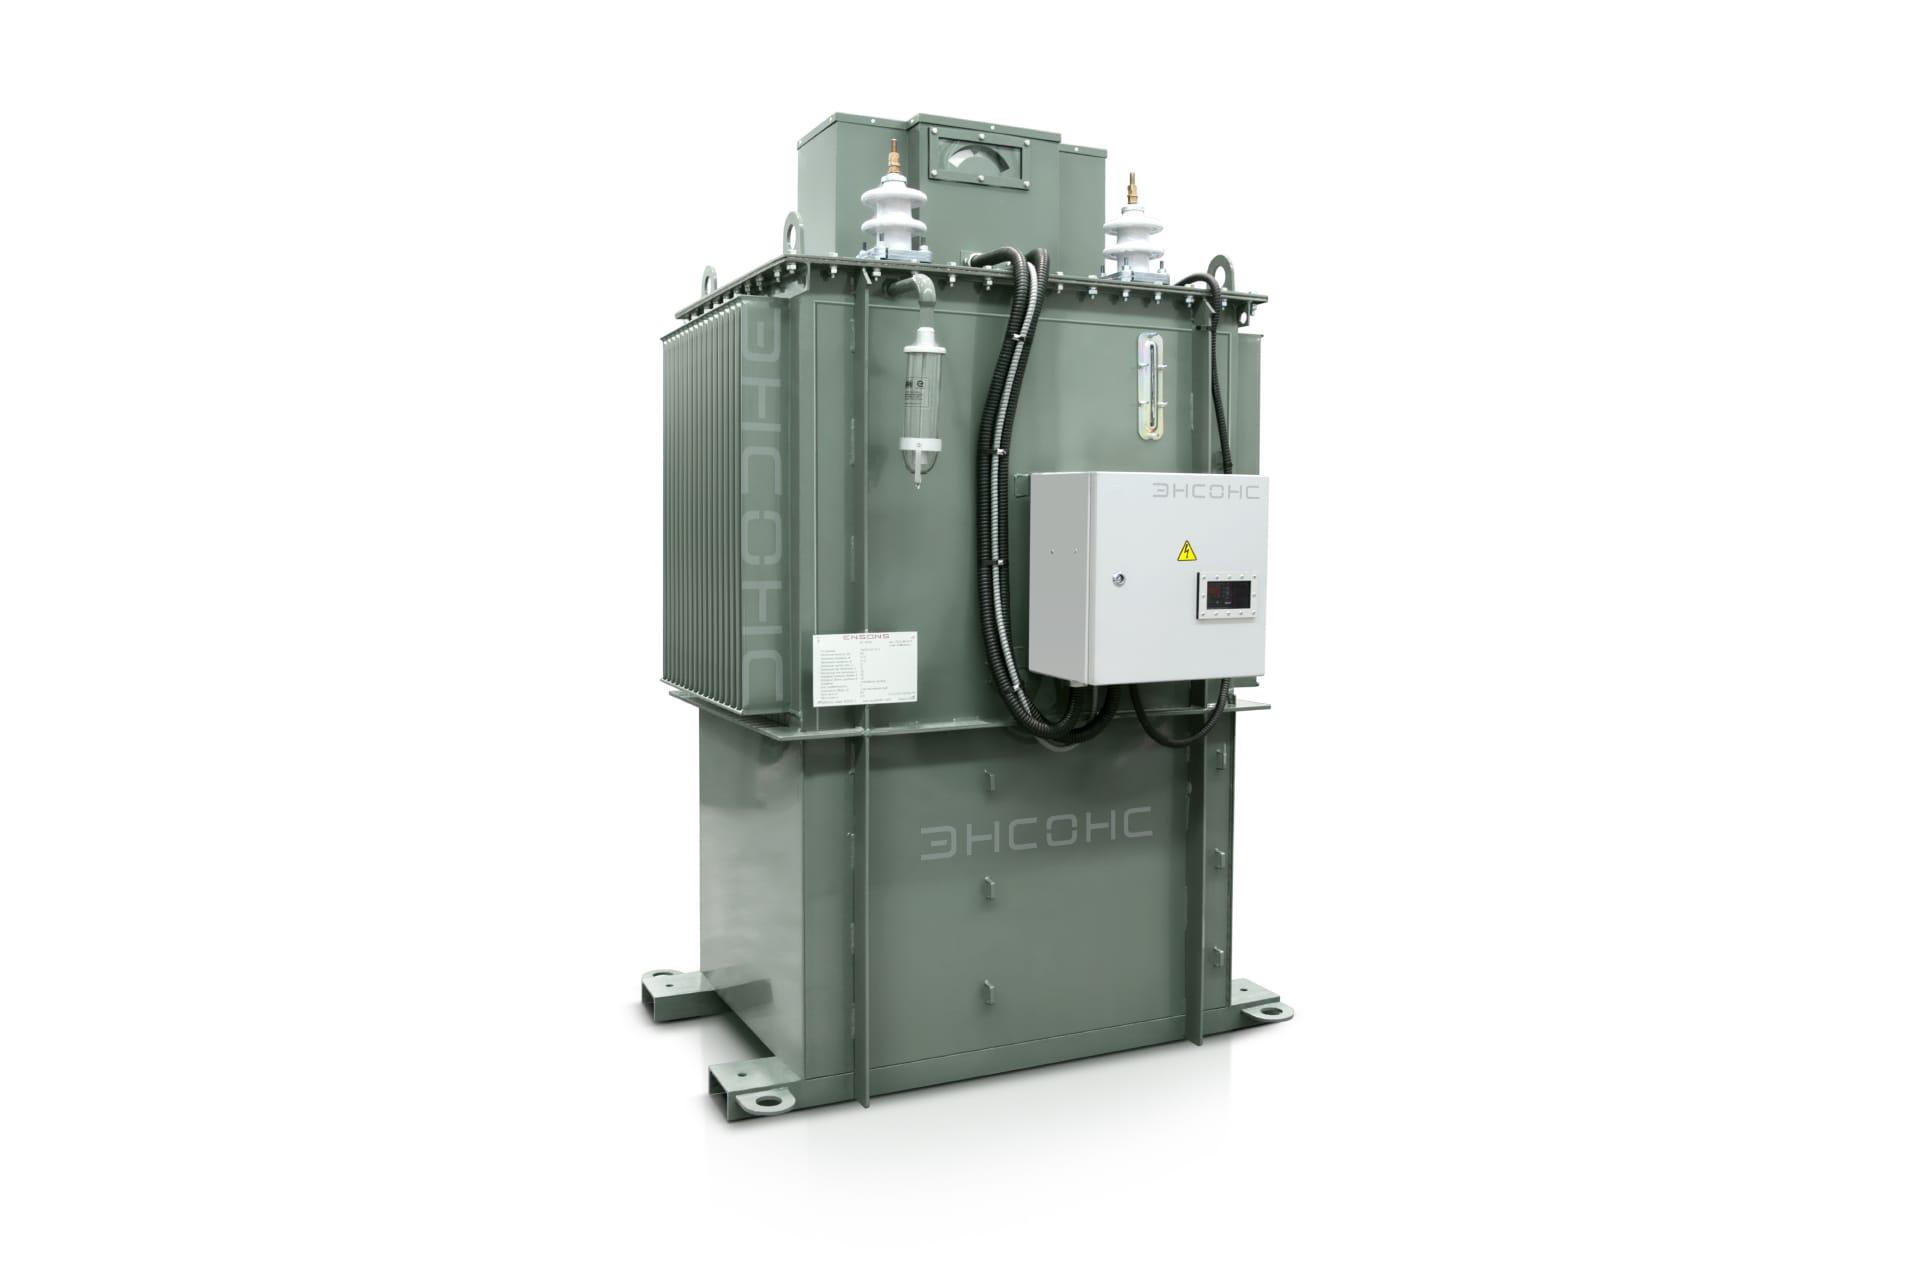 Новая система управления дугогасящим реактором санк 5.1 | ооо «энергия-т»